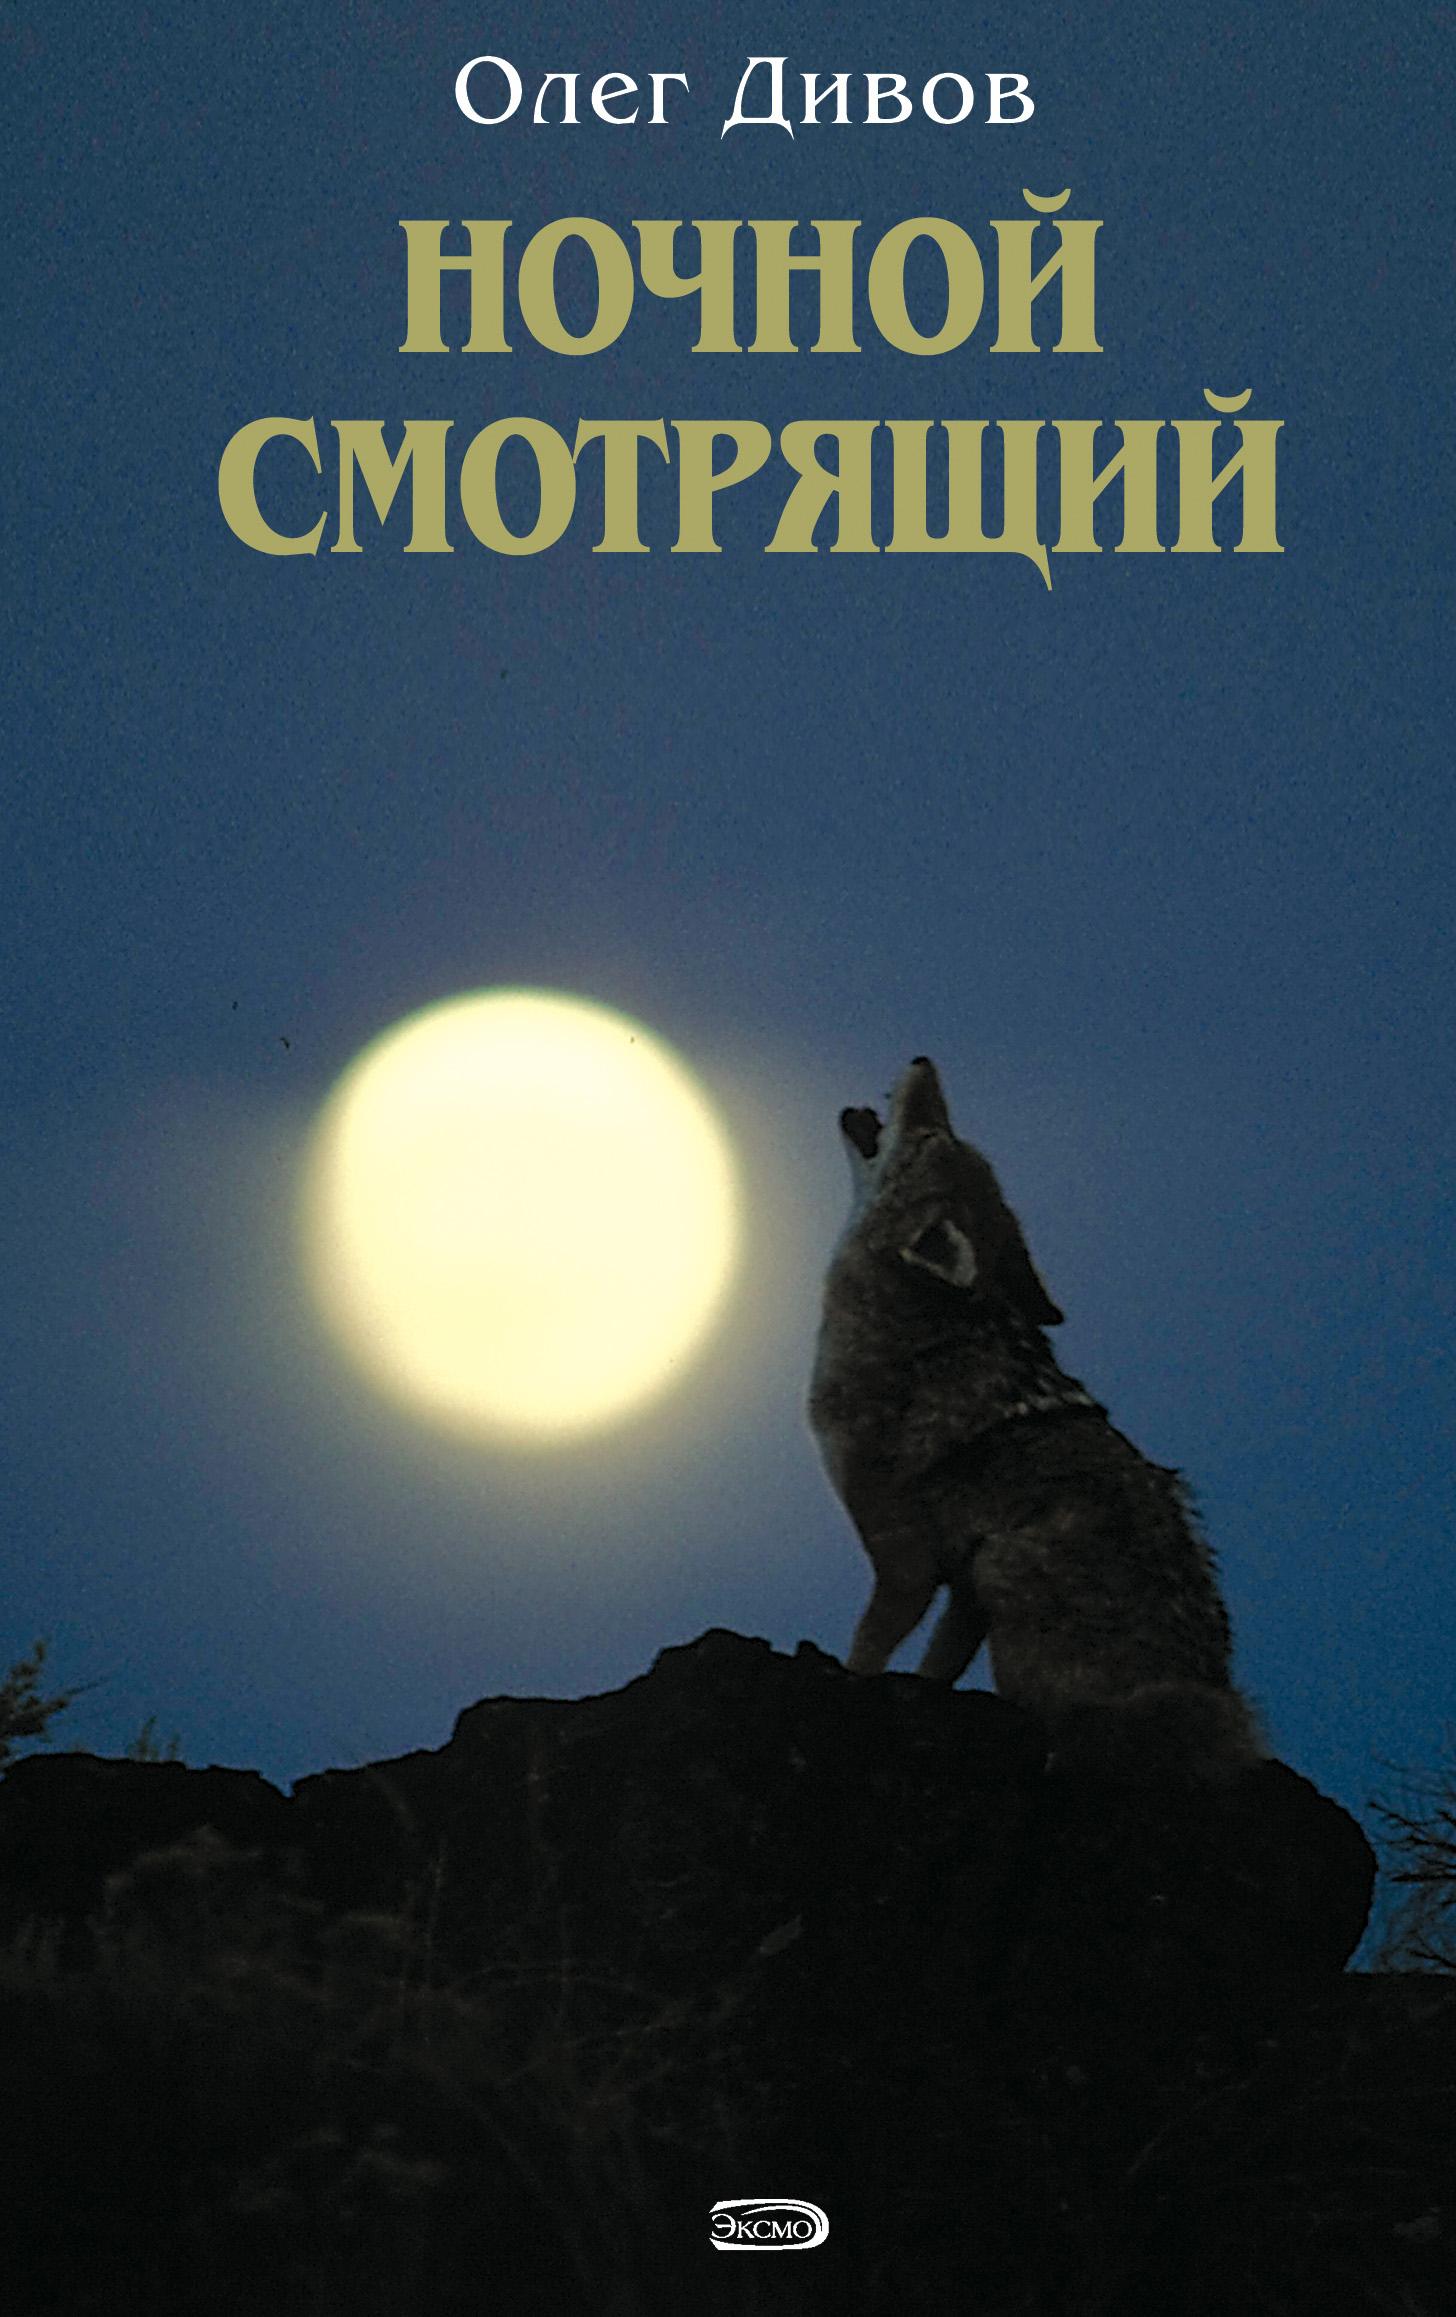 Ночной смотрящий